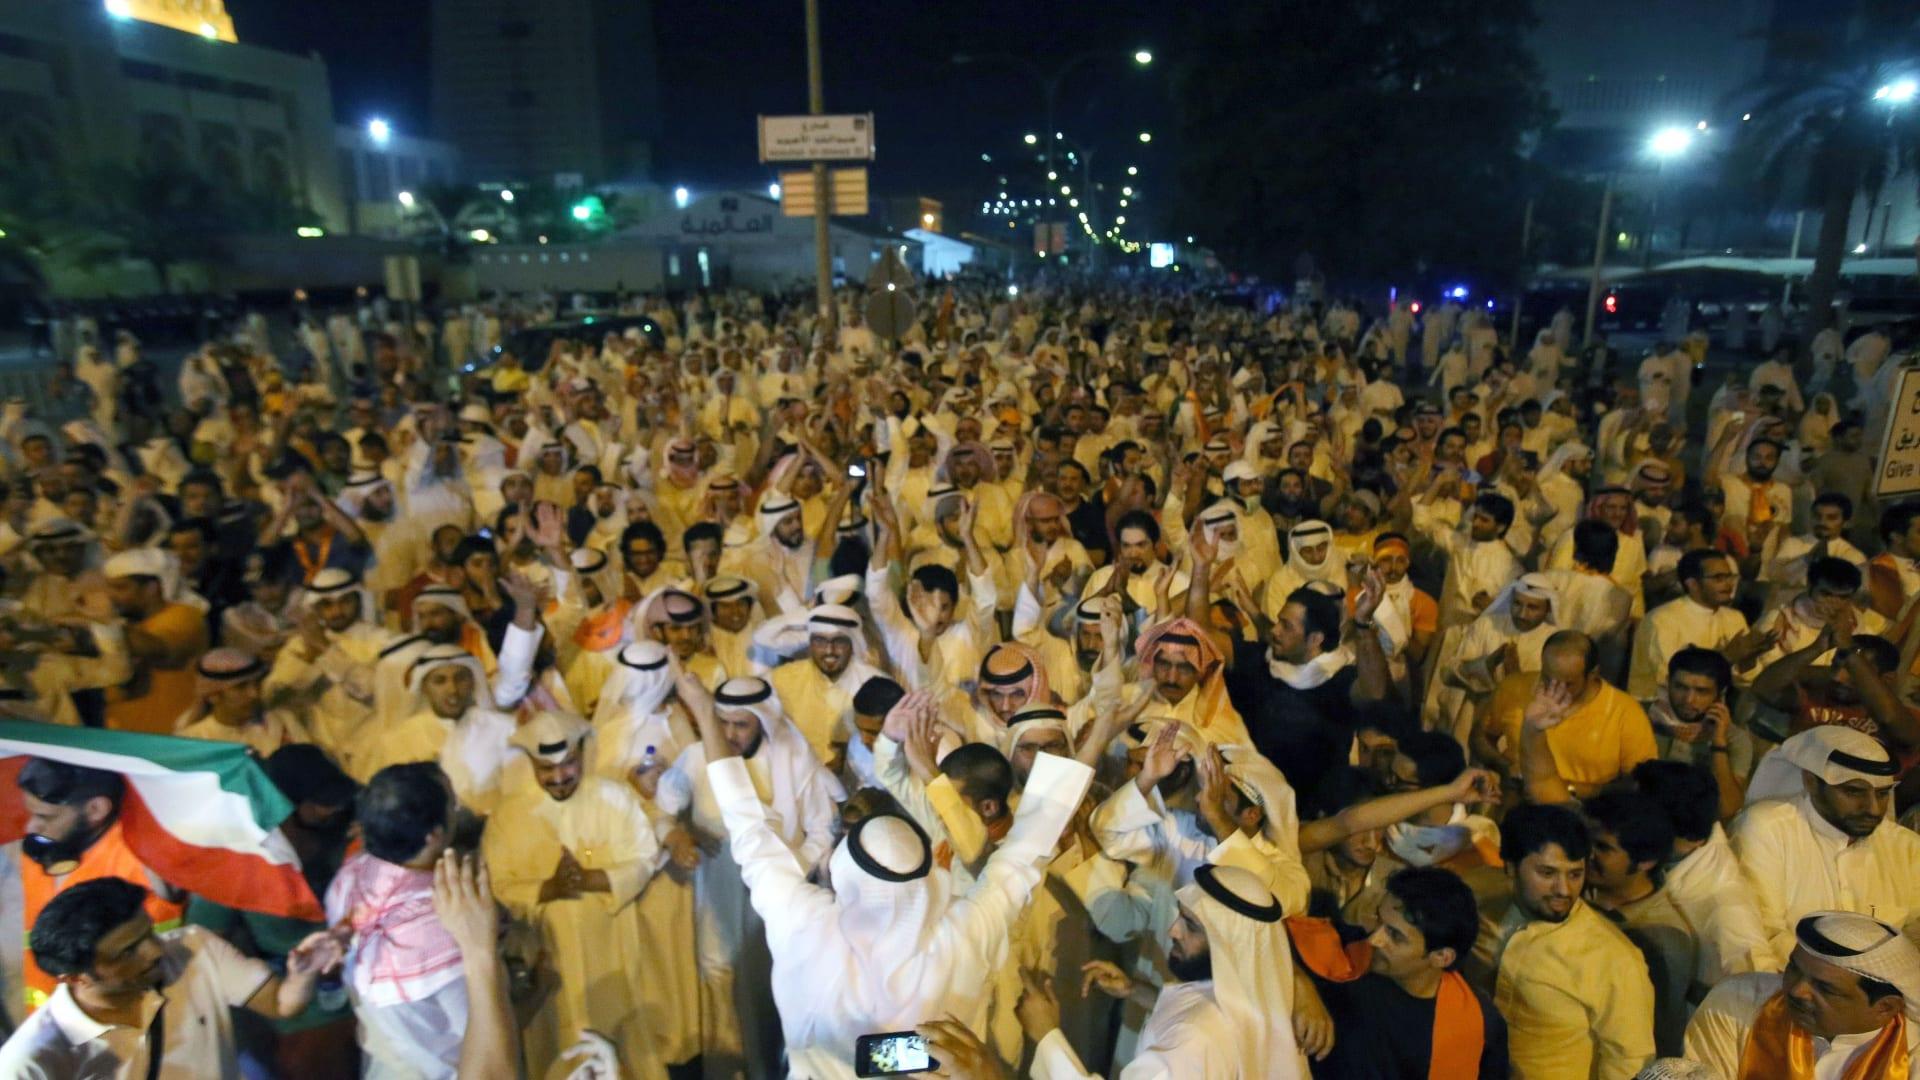 الكويت: سحب جنسية نائب سابق ومالك لقناة تلفزيونية وإغلاق جمعيات.. وإسلاميون يحذرون من التصعيد